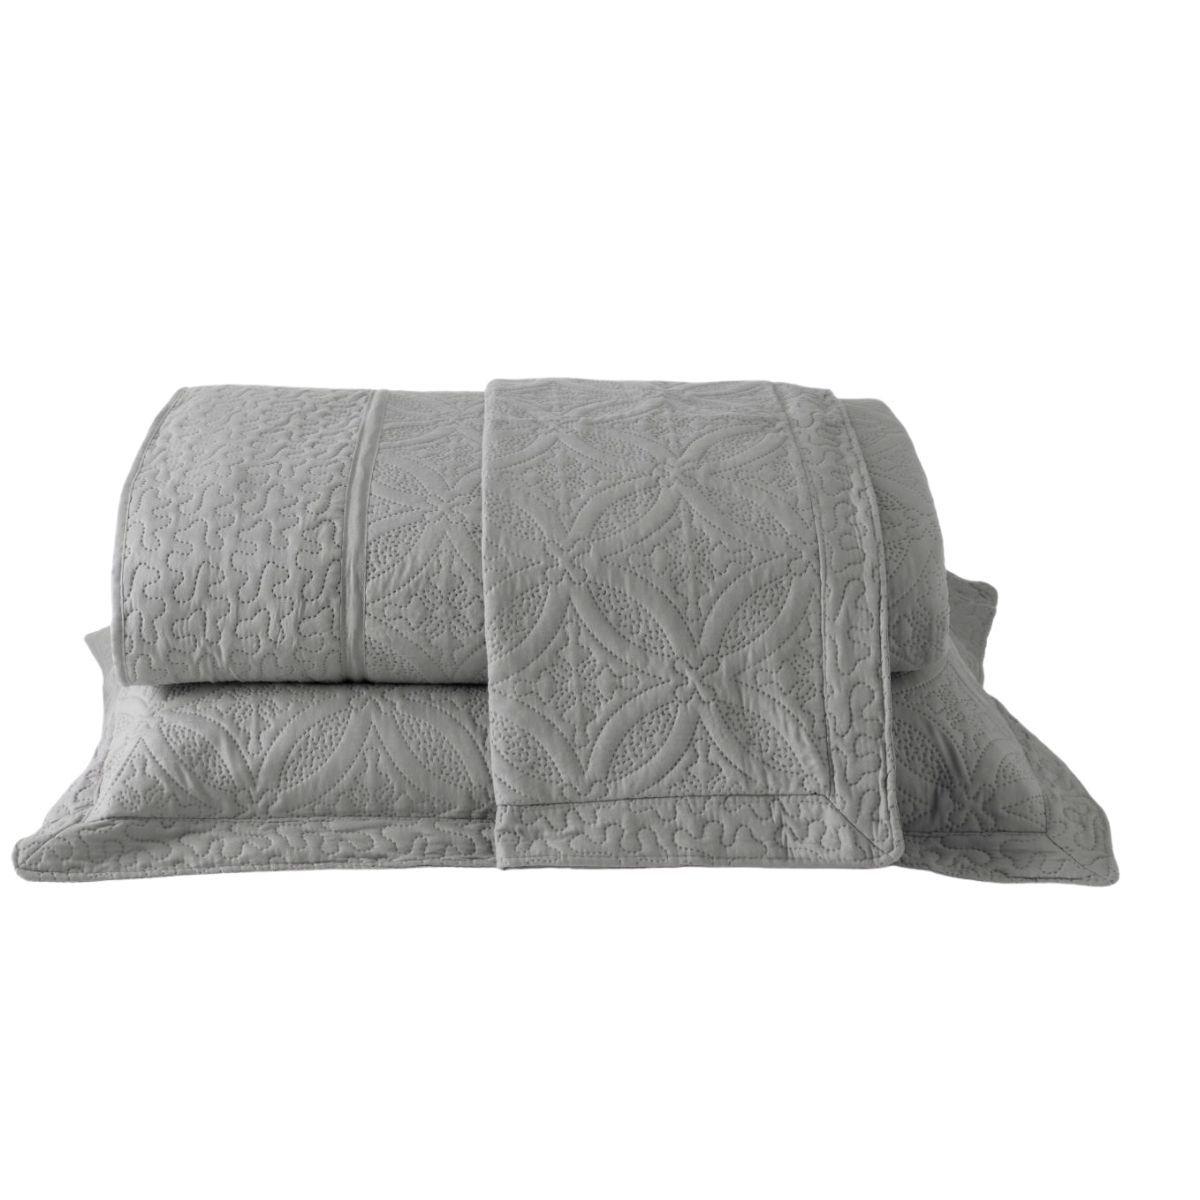 Kit: 1 Colcha Cobre-leito Provence Queen de Microfibra Ultrasonic + 2 Porta-travesseiros CINZA GELO